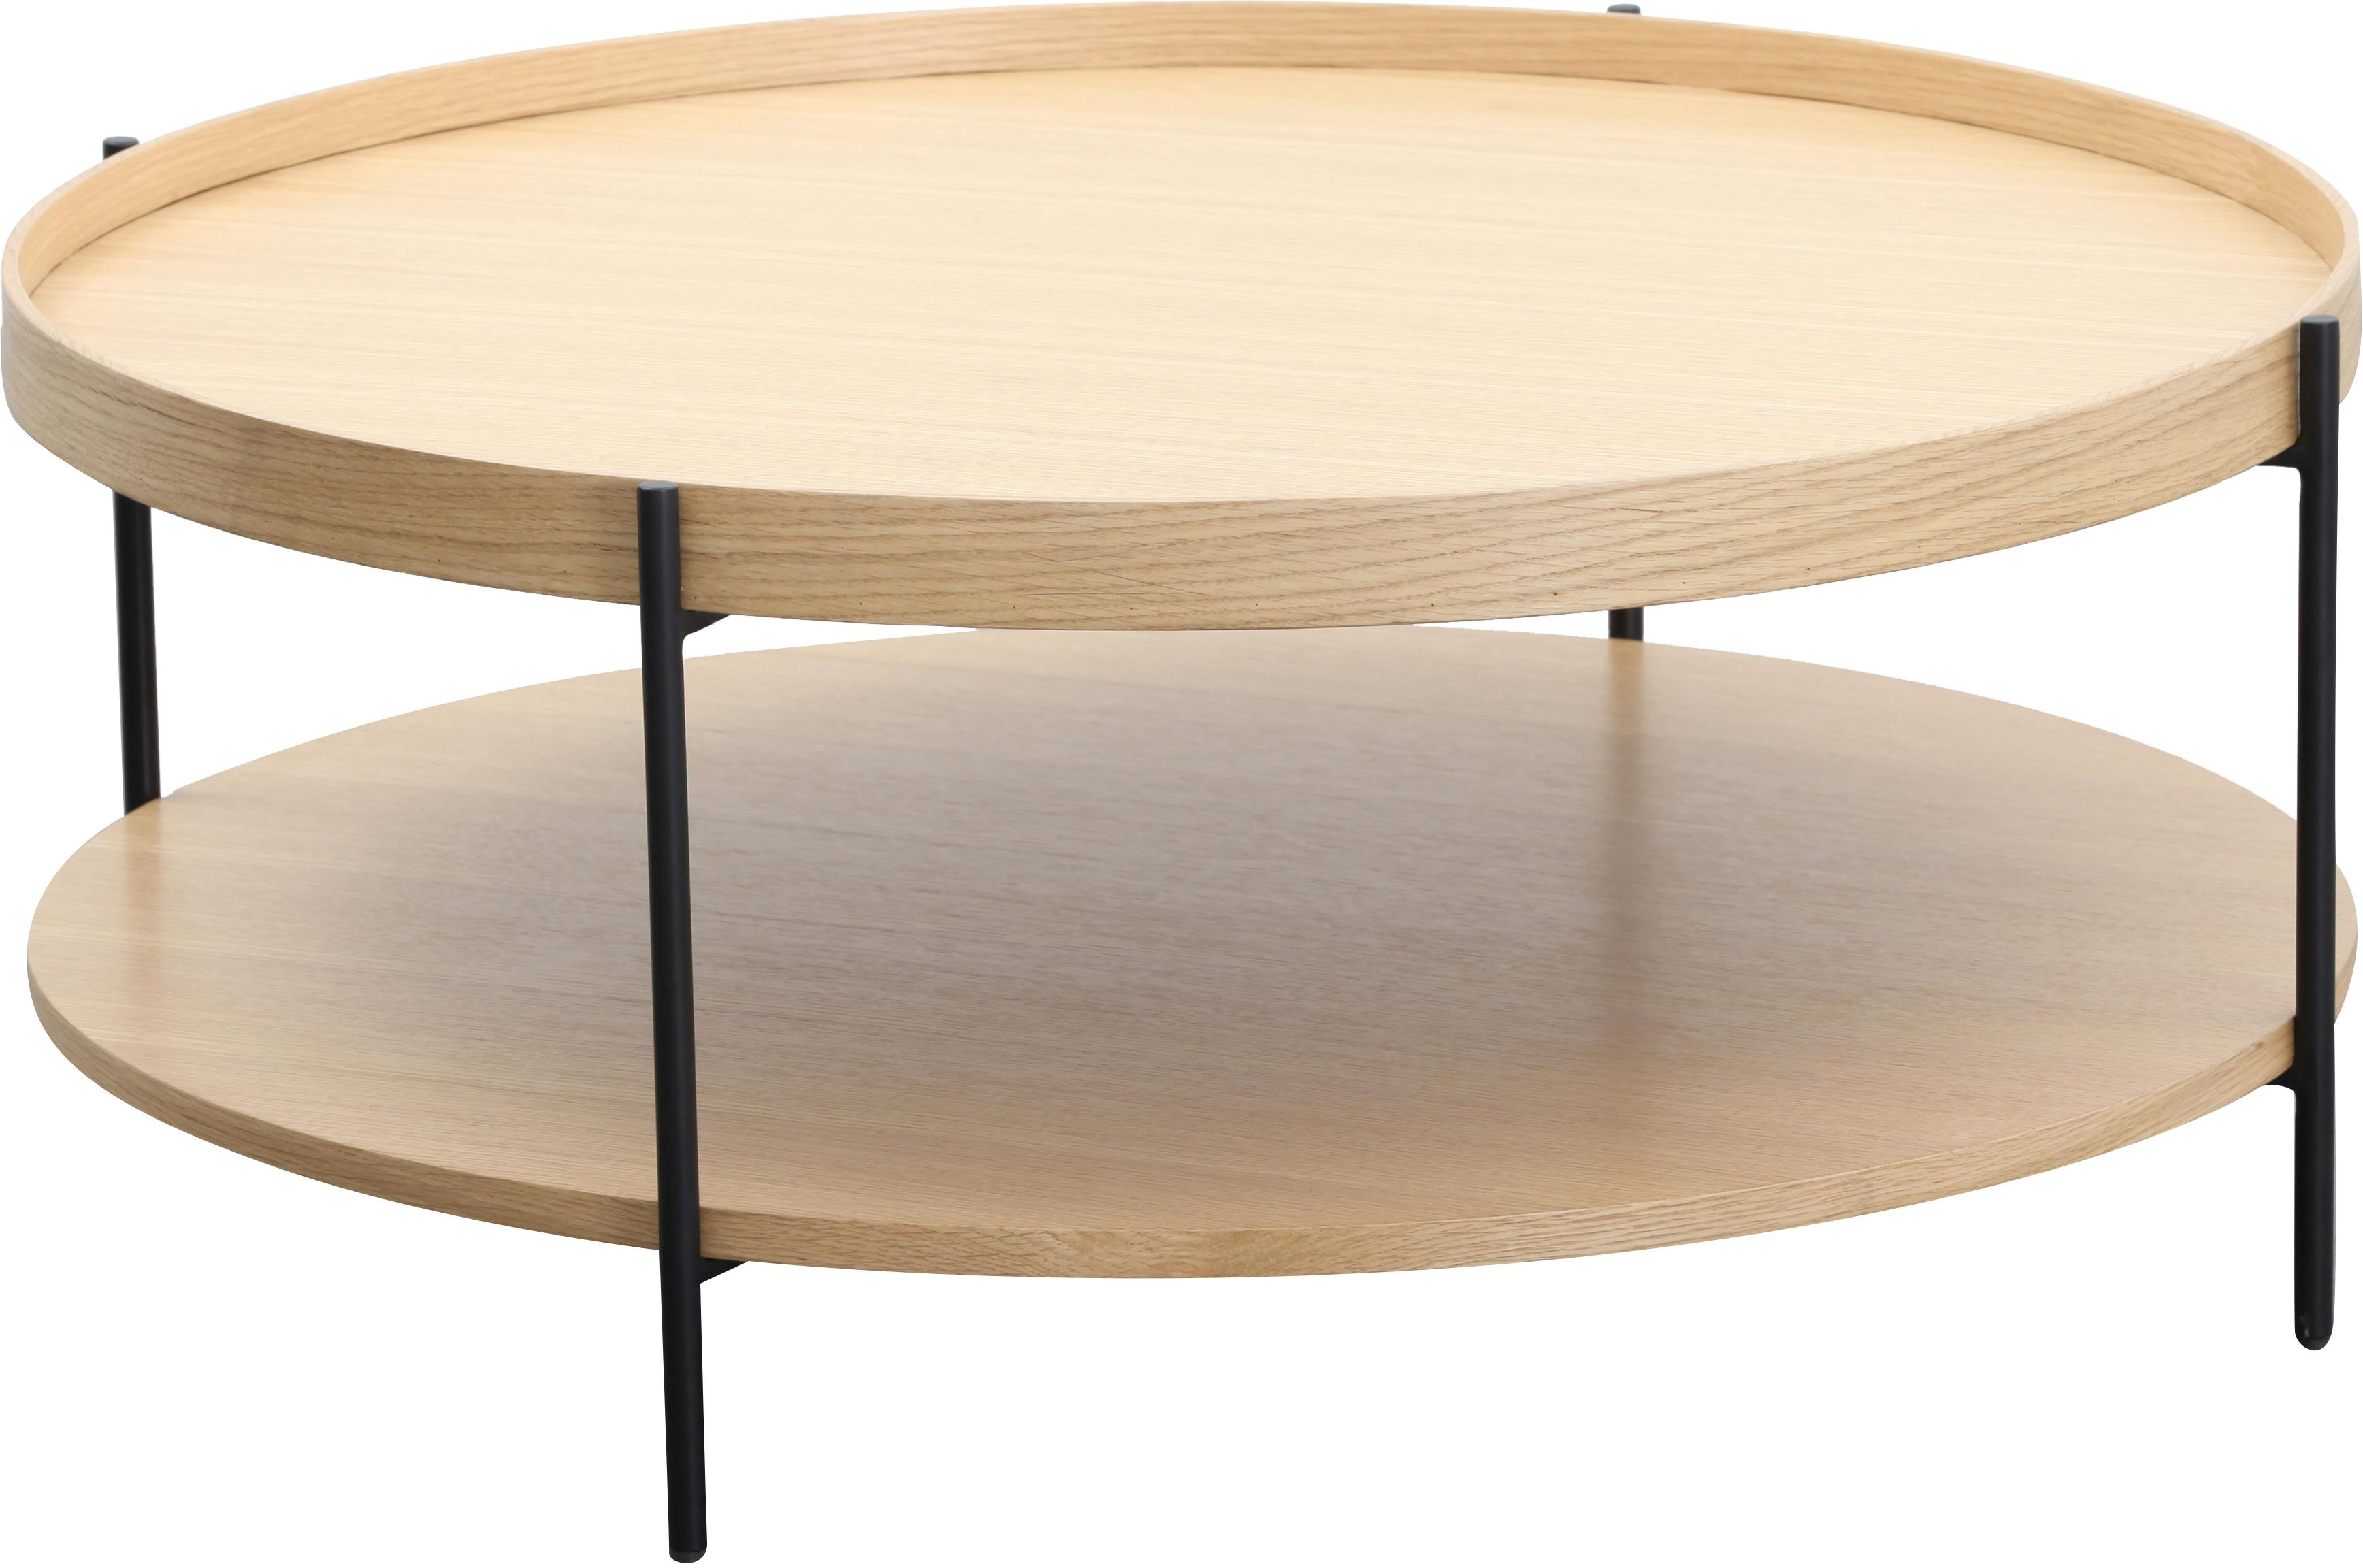 Großer Couchtisch Renee mit Ablagefach, Gestell: Metall, pulverbeschichtet, Tischplatten: EschenholzGestell: Schwarz, matt, Ø 90 x H 39 cm